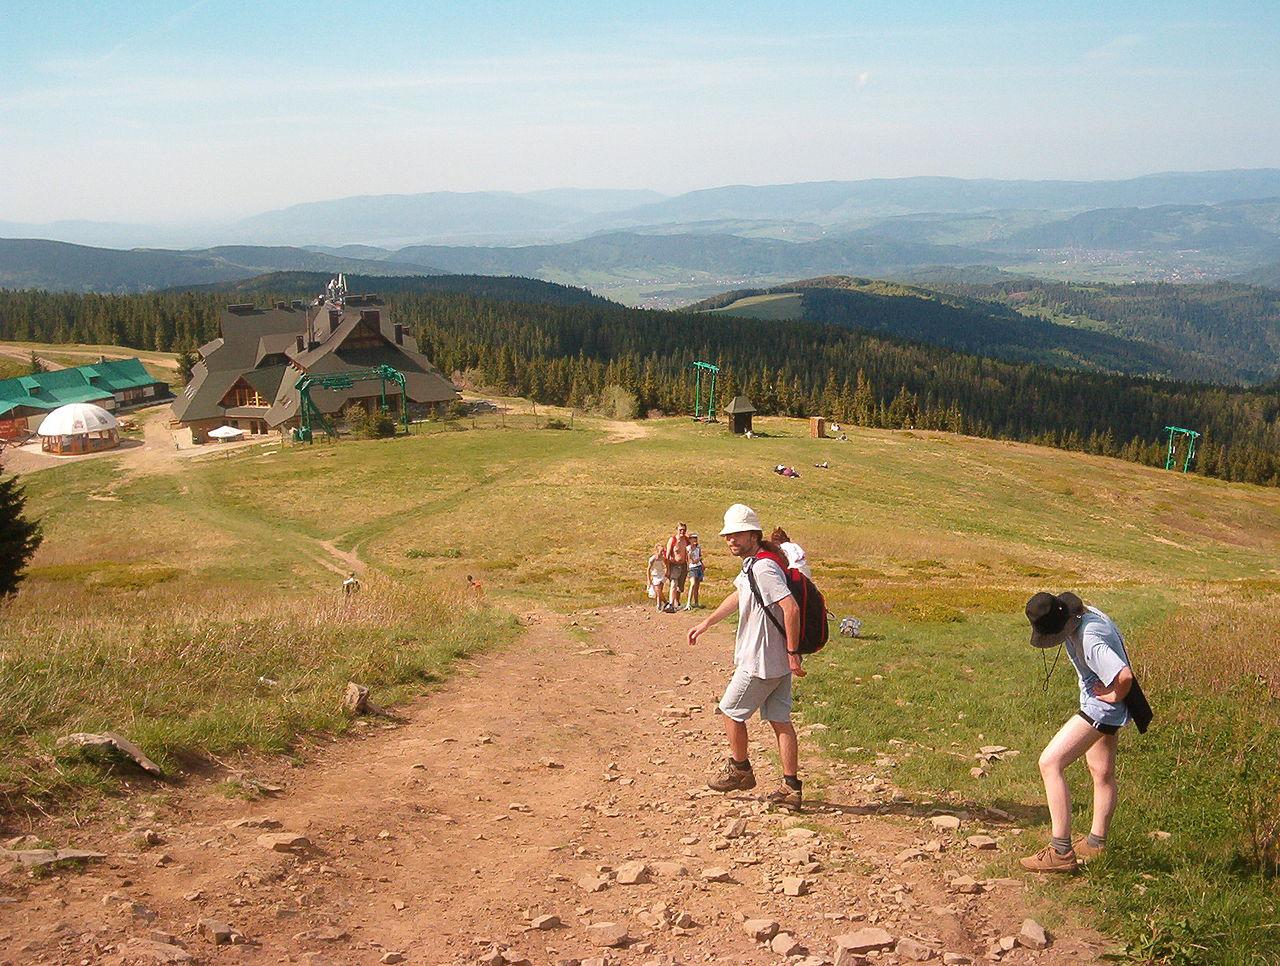 Szlak turystyczny – Sopotnia Wielka – Hala Miziowa